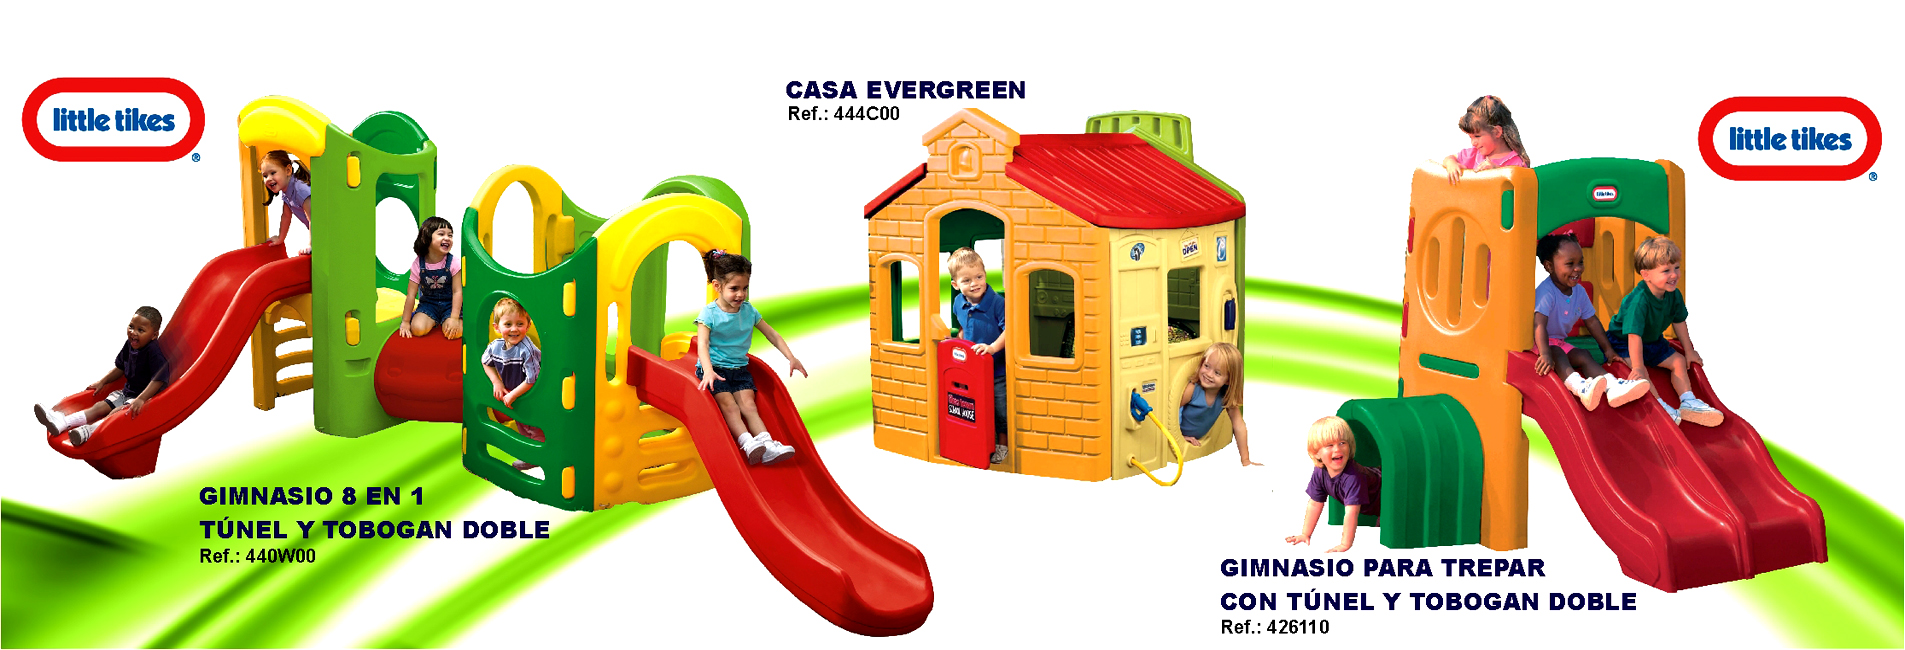 Disanz Distribuidor Online De Material Escolar Y De Oficina # Muebles Little Tikes